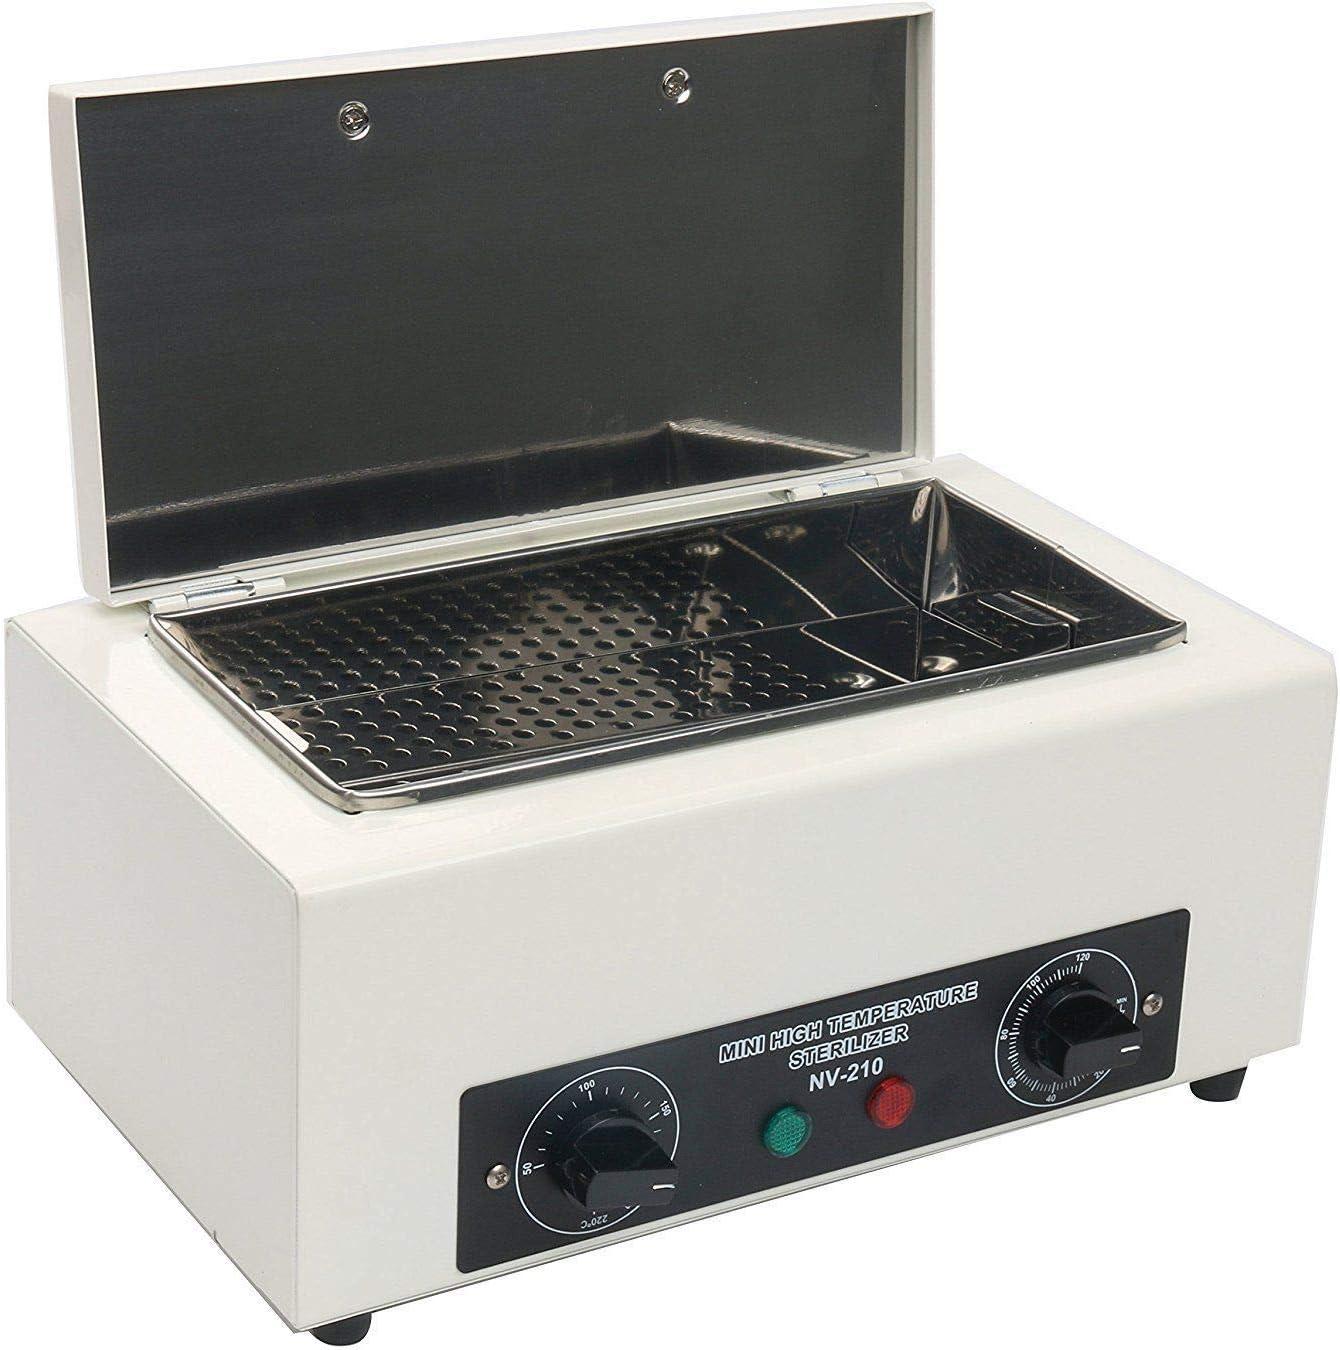 OUBO Brand 1.5L Hot Air Sterilizing Cabinet Mini High Temperature Autoclave Machine (NV-210)